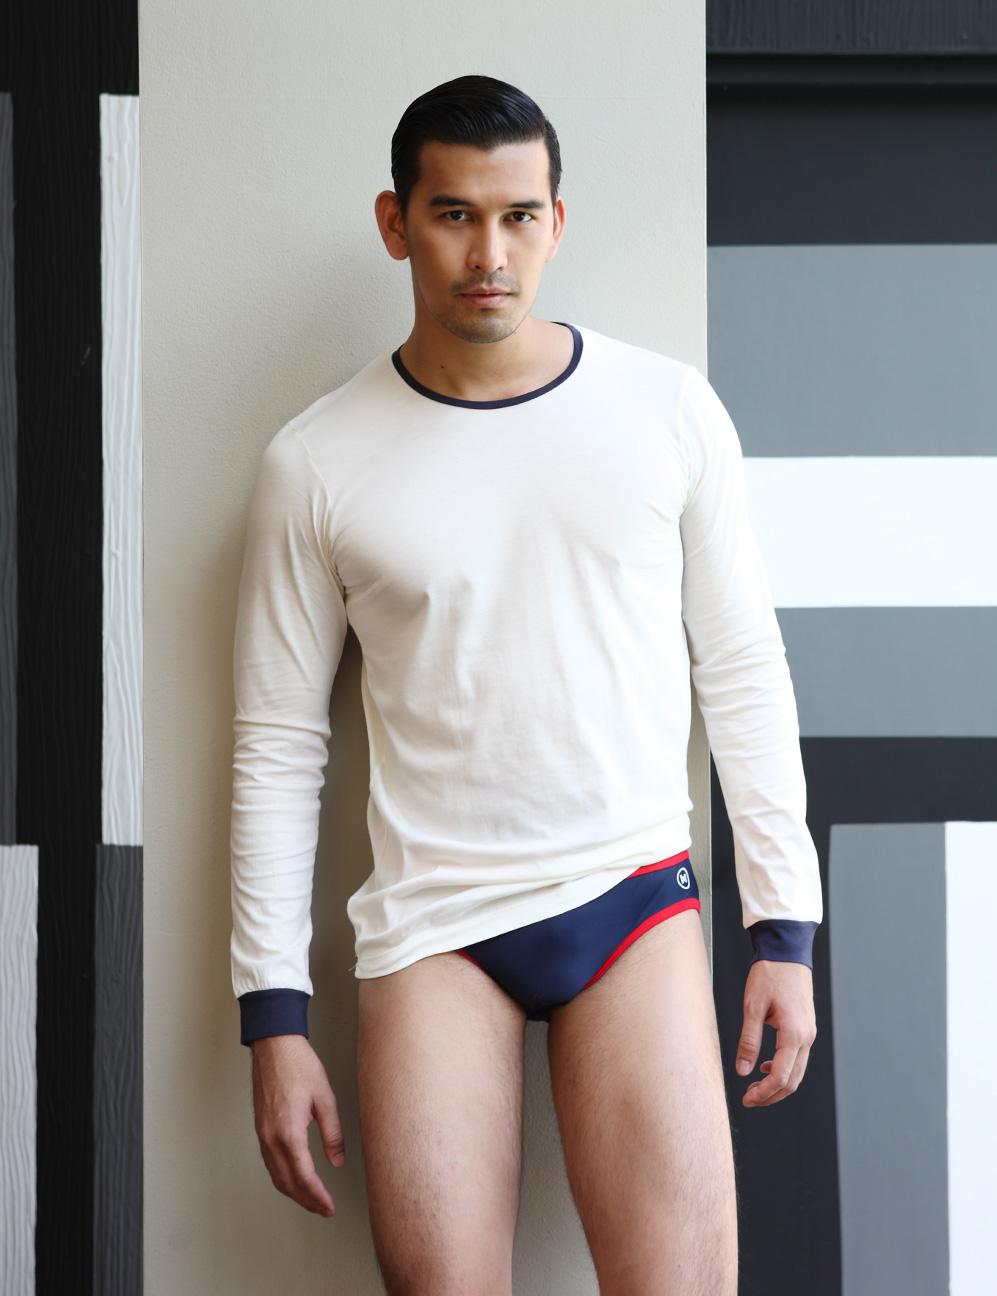 T shirt and swimwear : NOXX